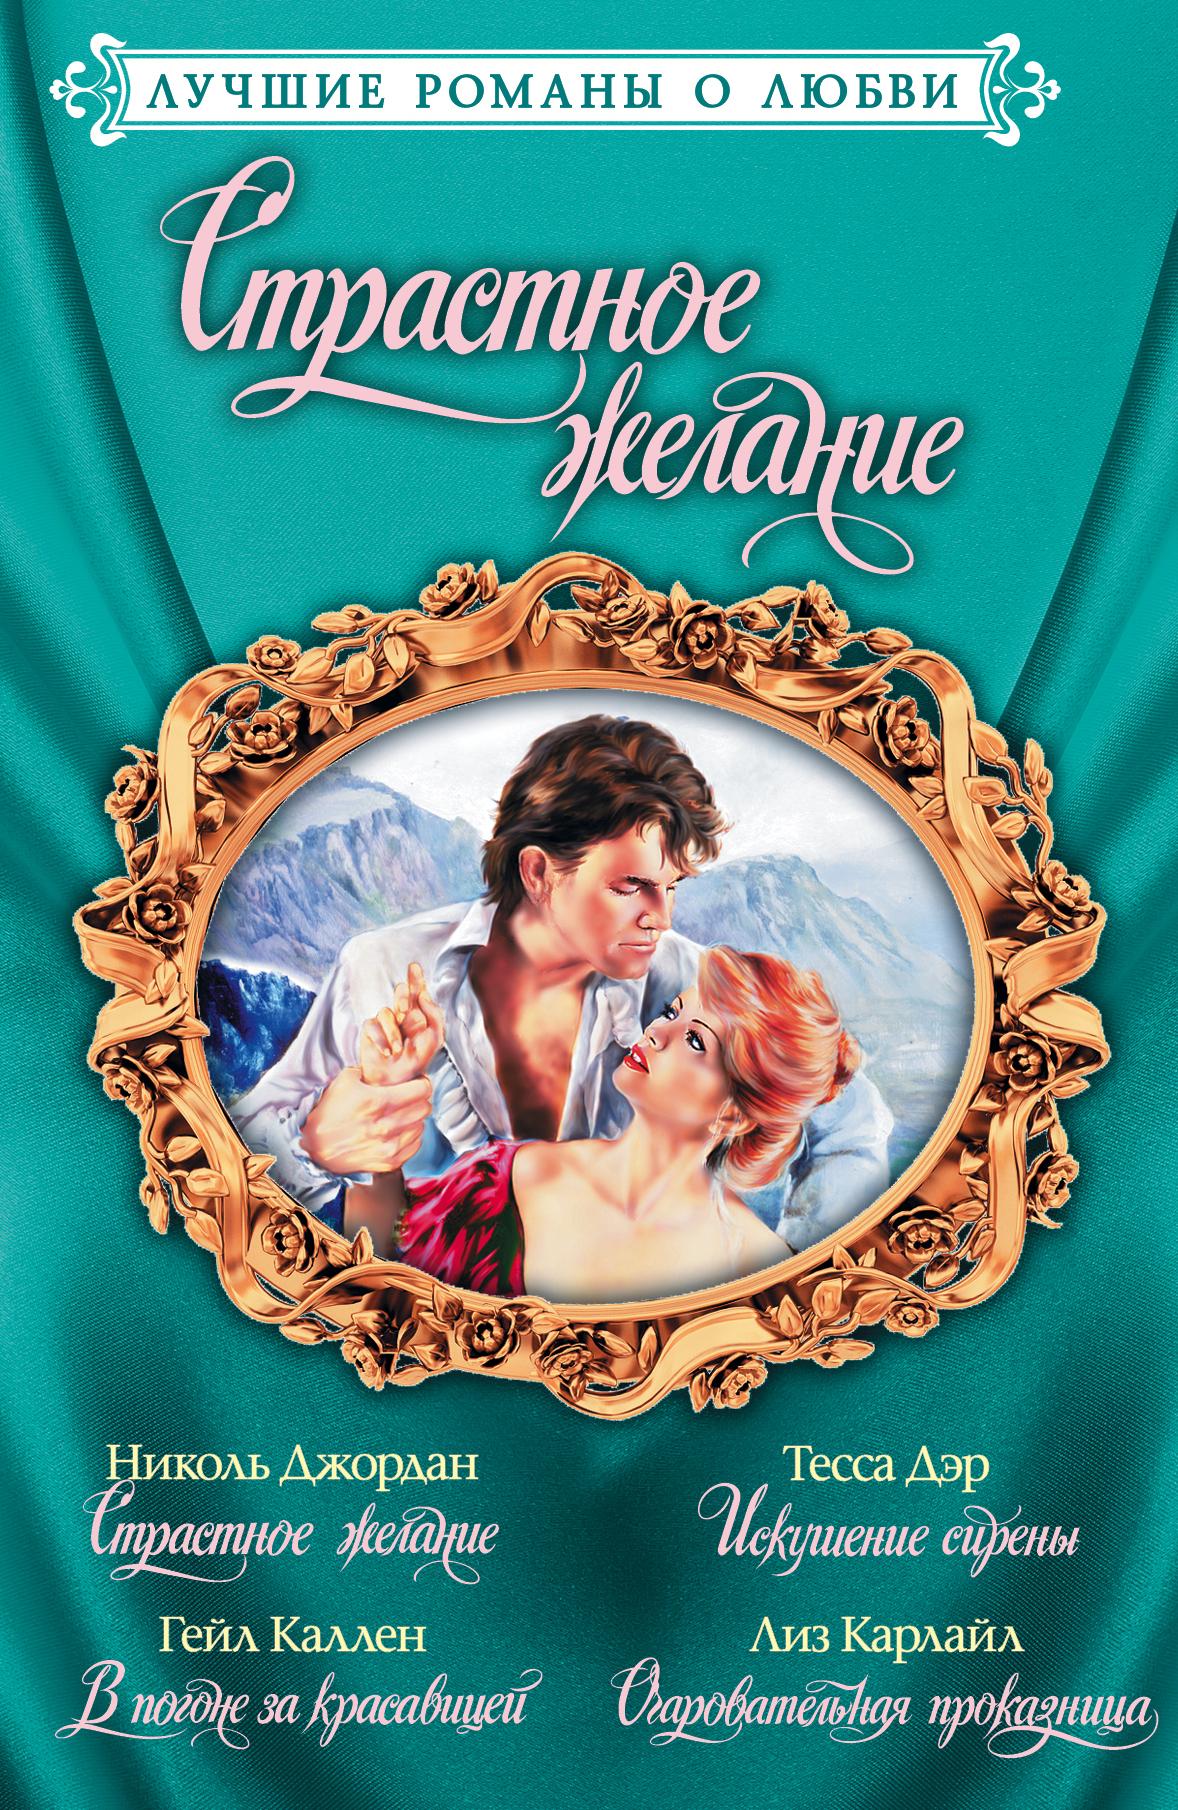 Клинова Е.М. Лучшие романы о любви. Страстное желание